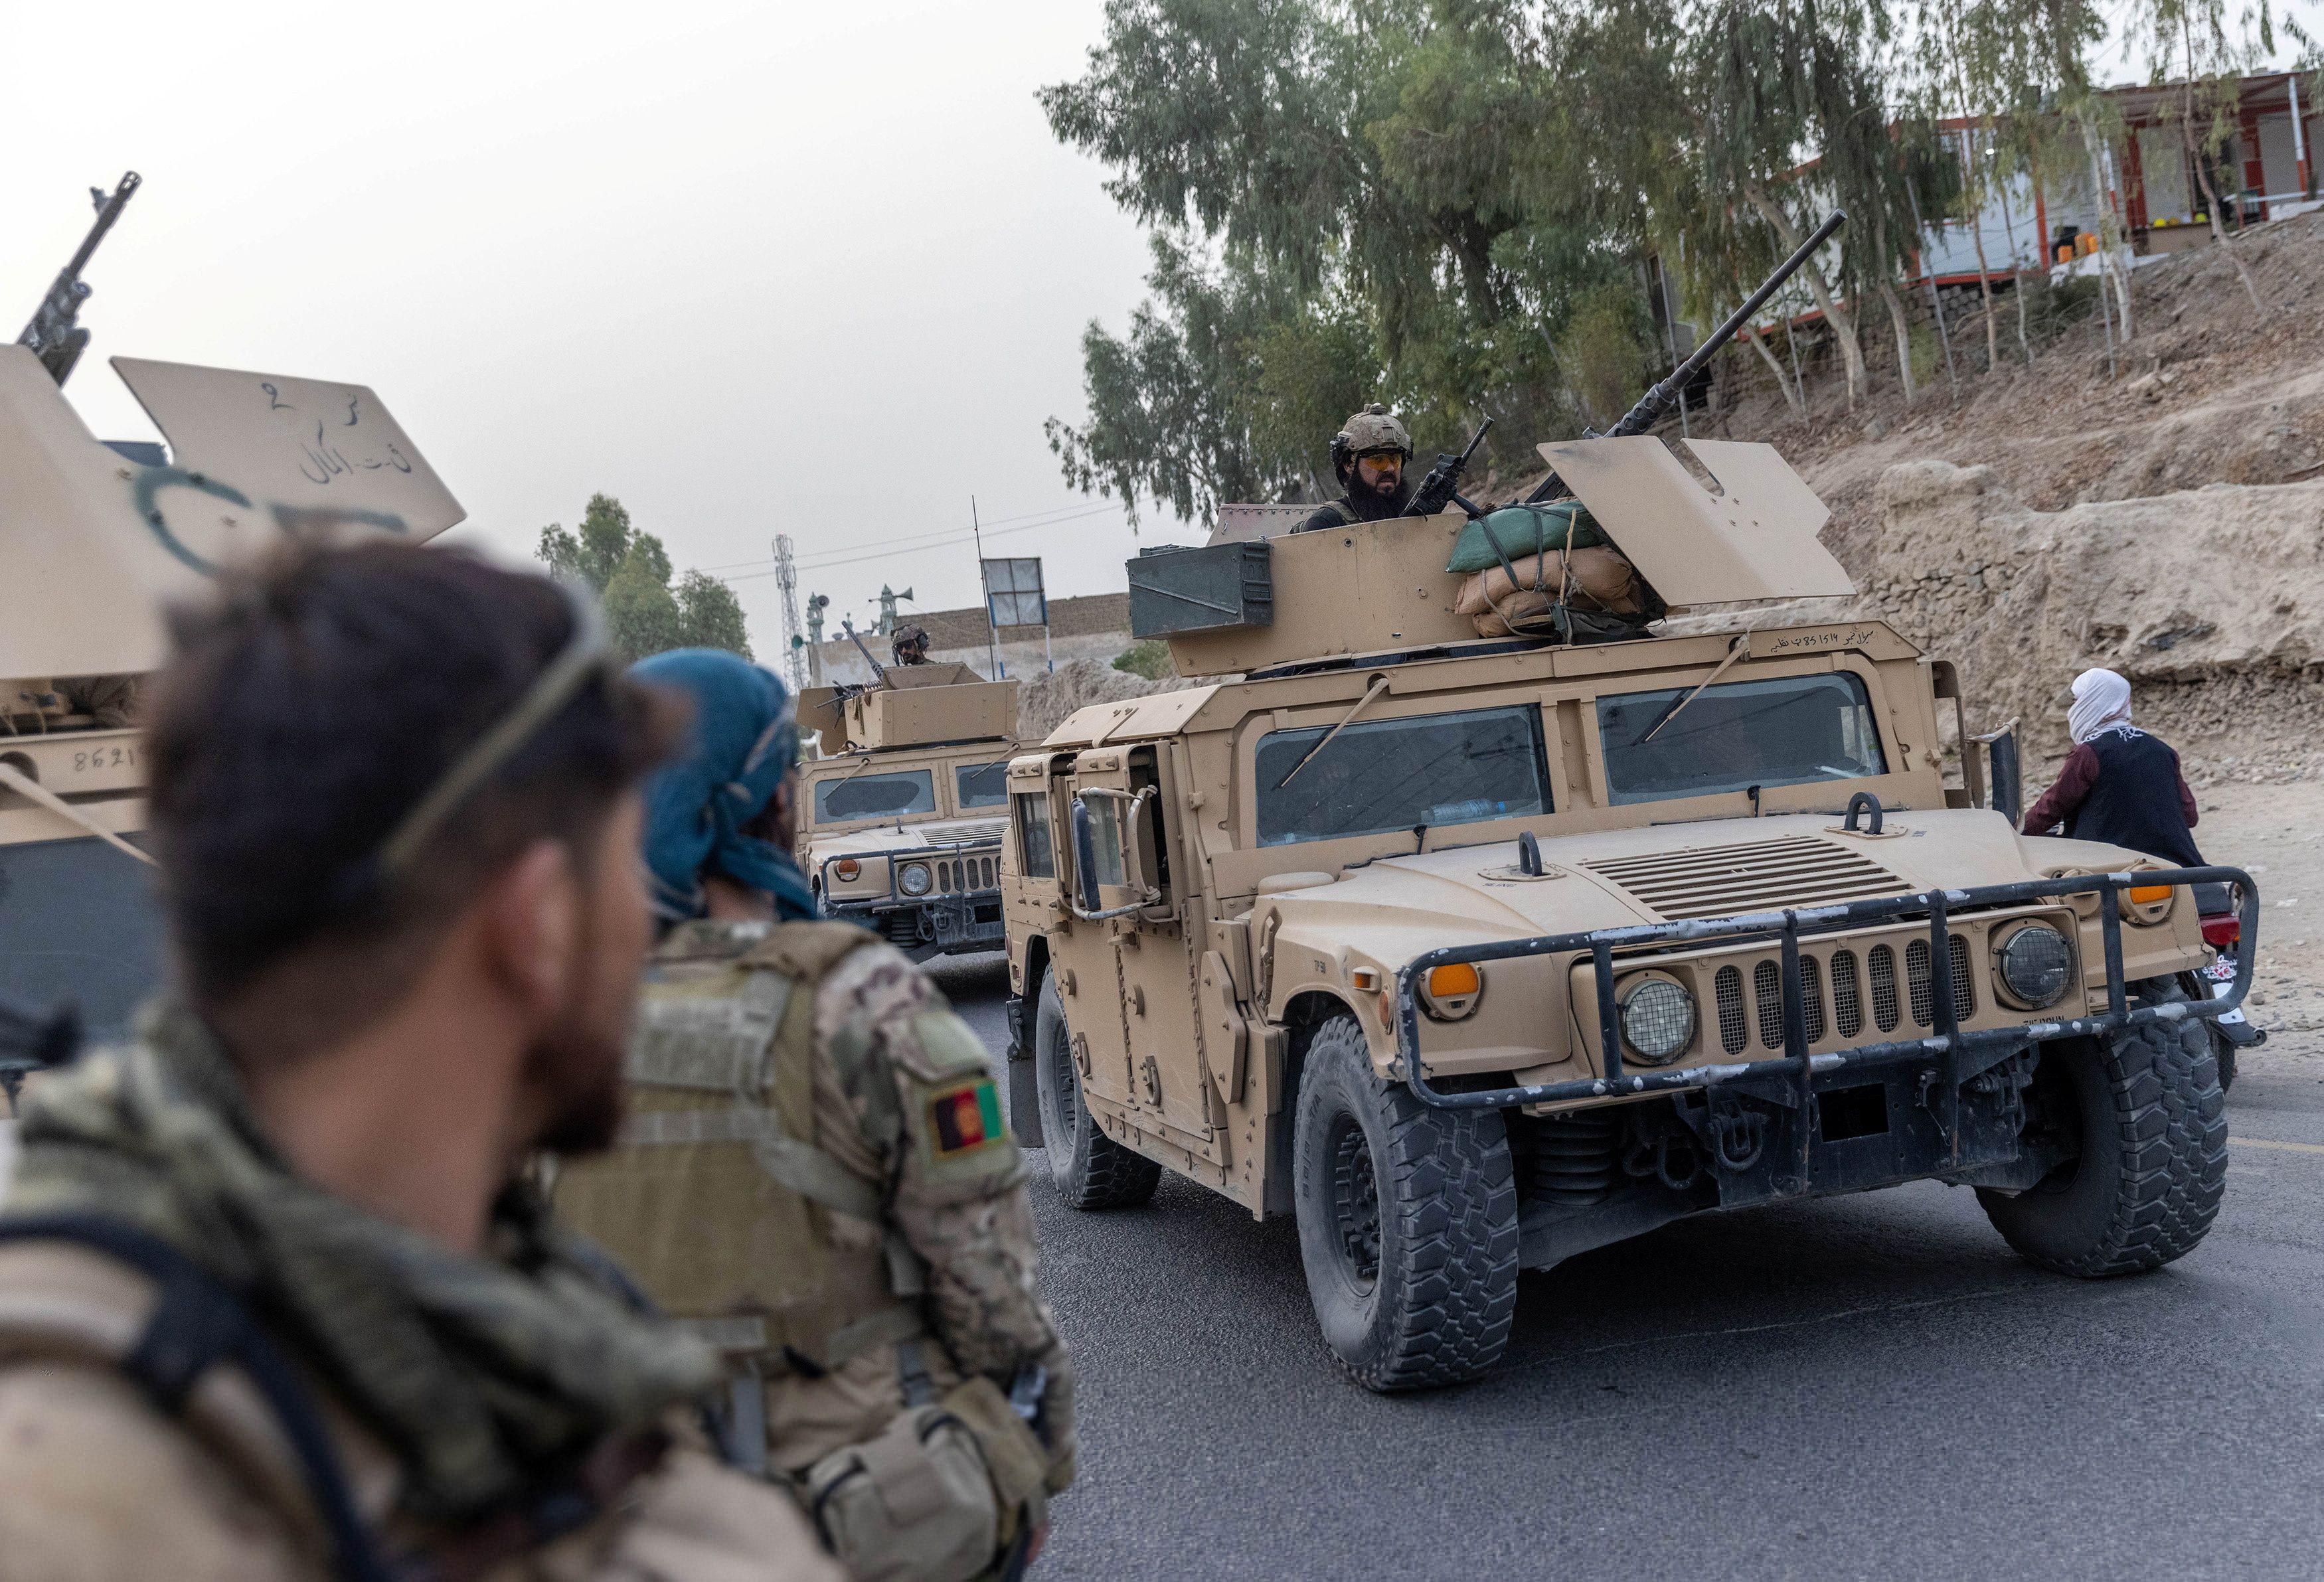 Un convoy de las fuerzas especiales afganas es visto durante la misión de rescate de un oficial de policía asediado en un puesto de control rodeado por los talibanes, en la provincia de Kandahar, Afganistán, 13 de julio de 2021.